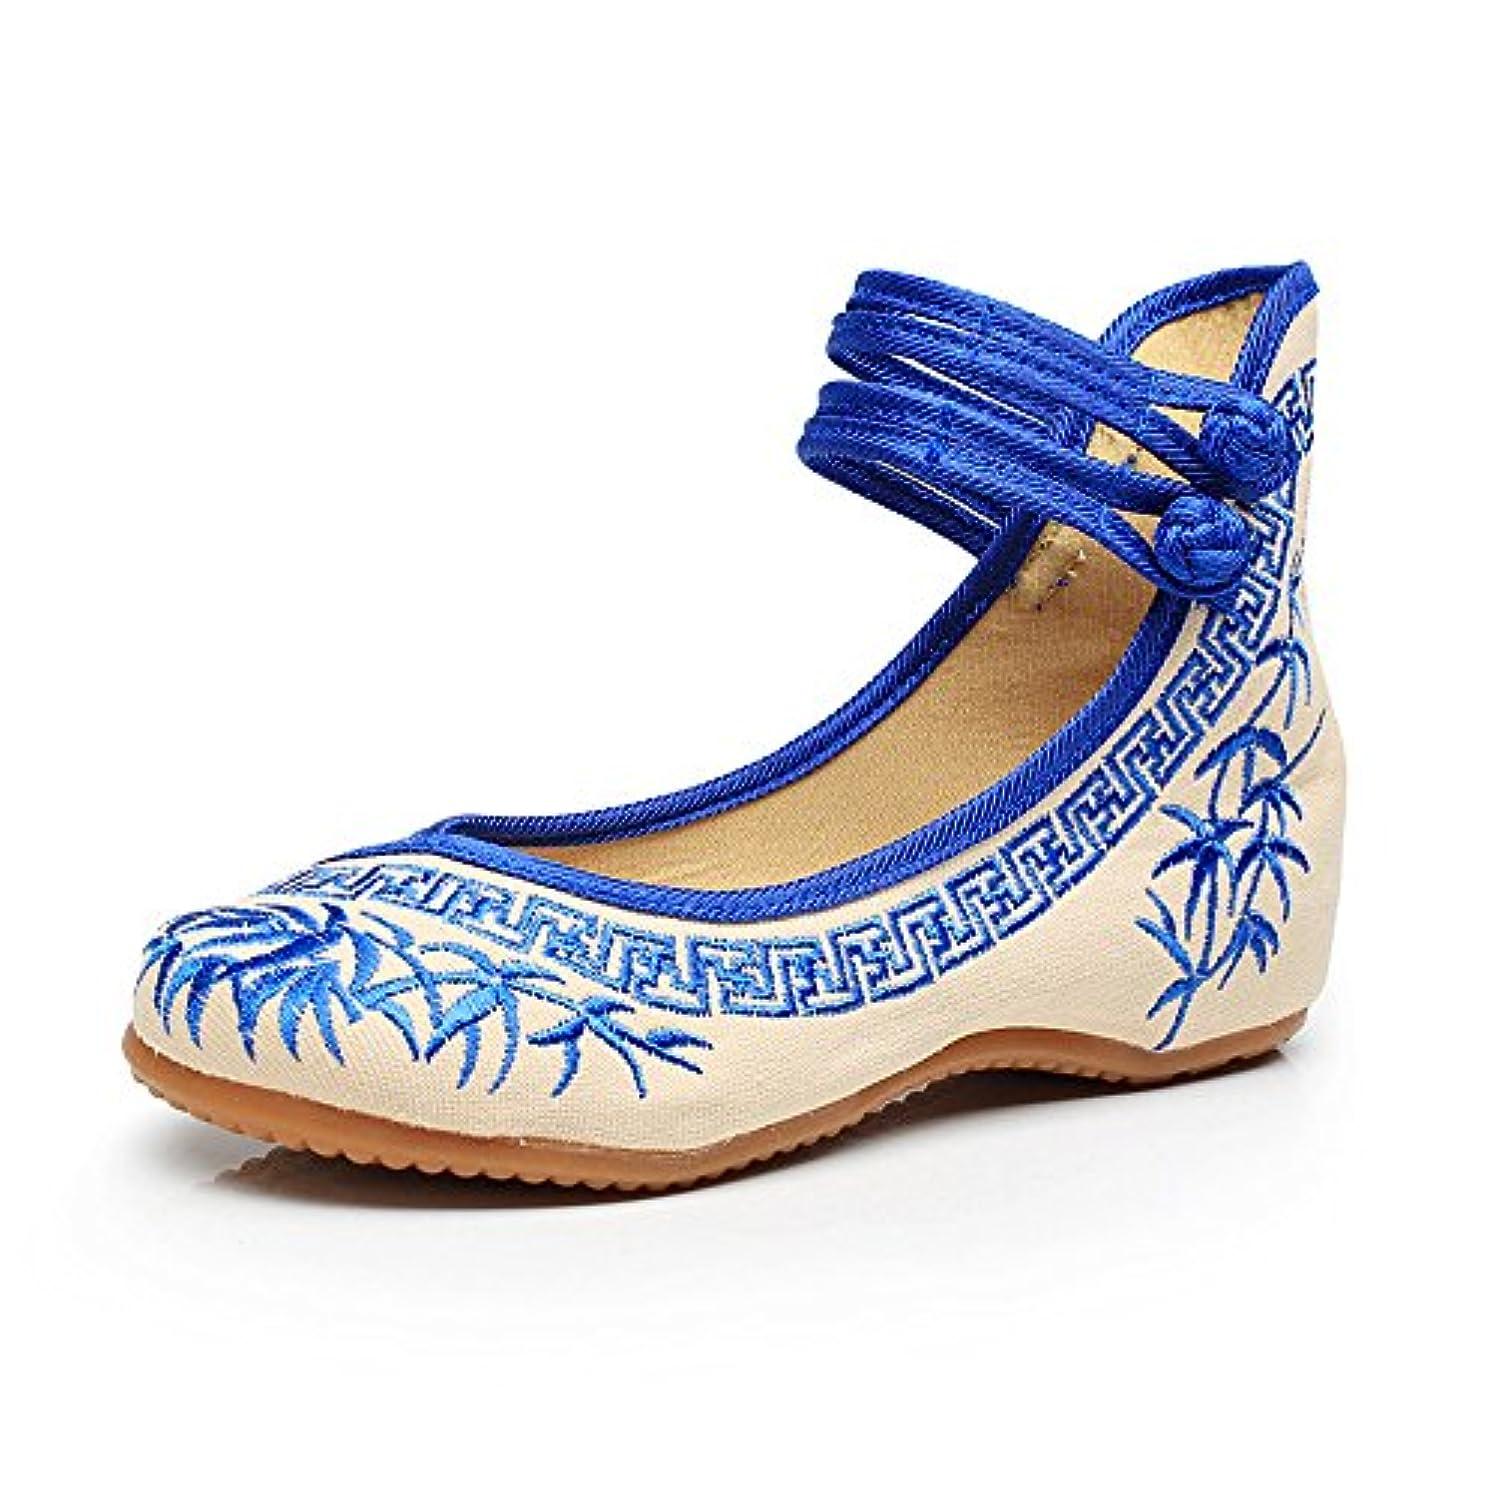 希望に満ちたマンモスドラッグ[Fanwer] 竹刺繍女性の靴中国のカジュアルなフラットソールメアリーJanes靴